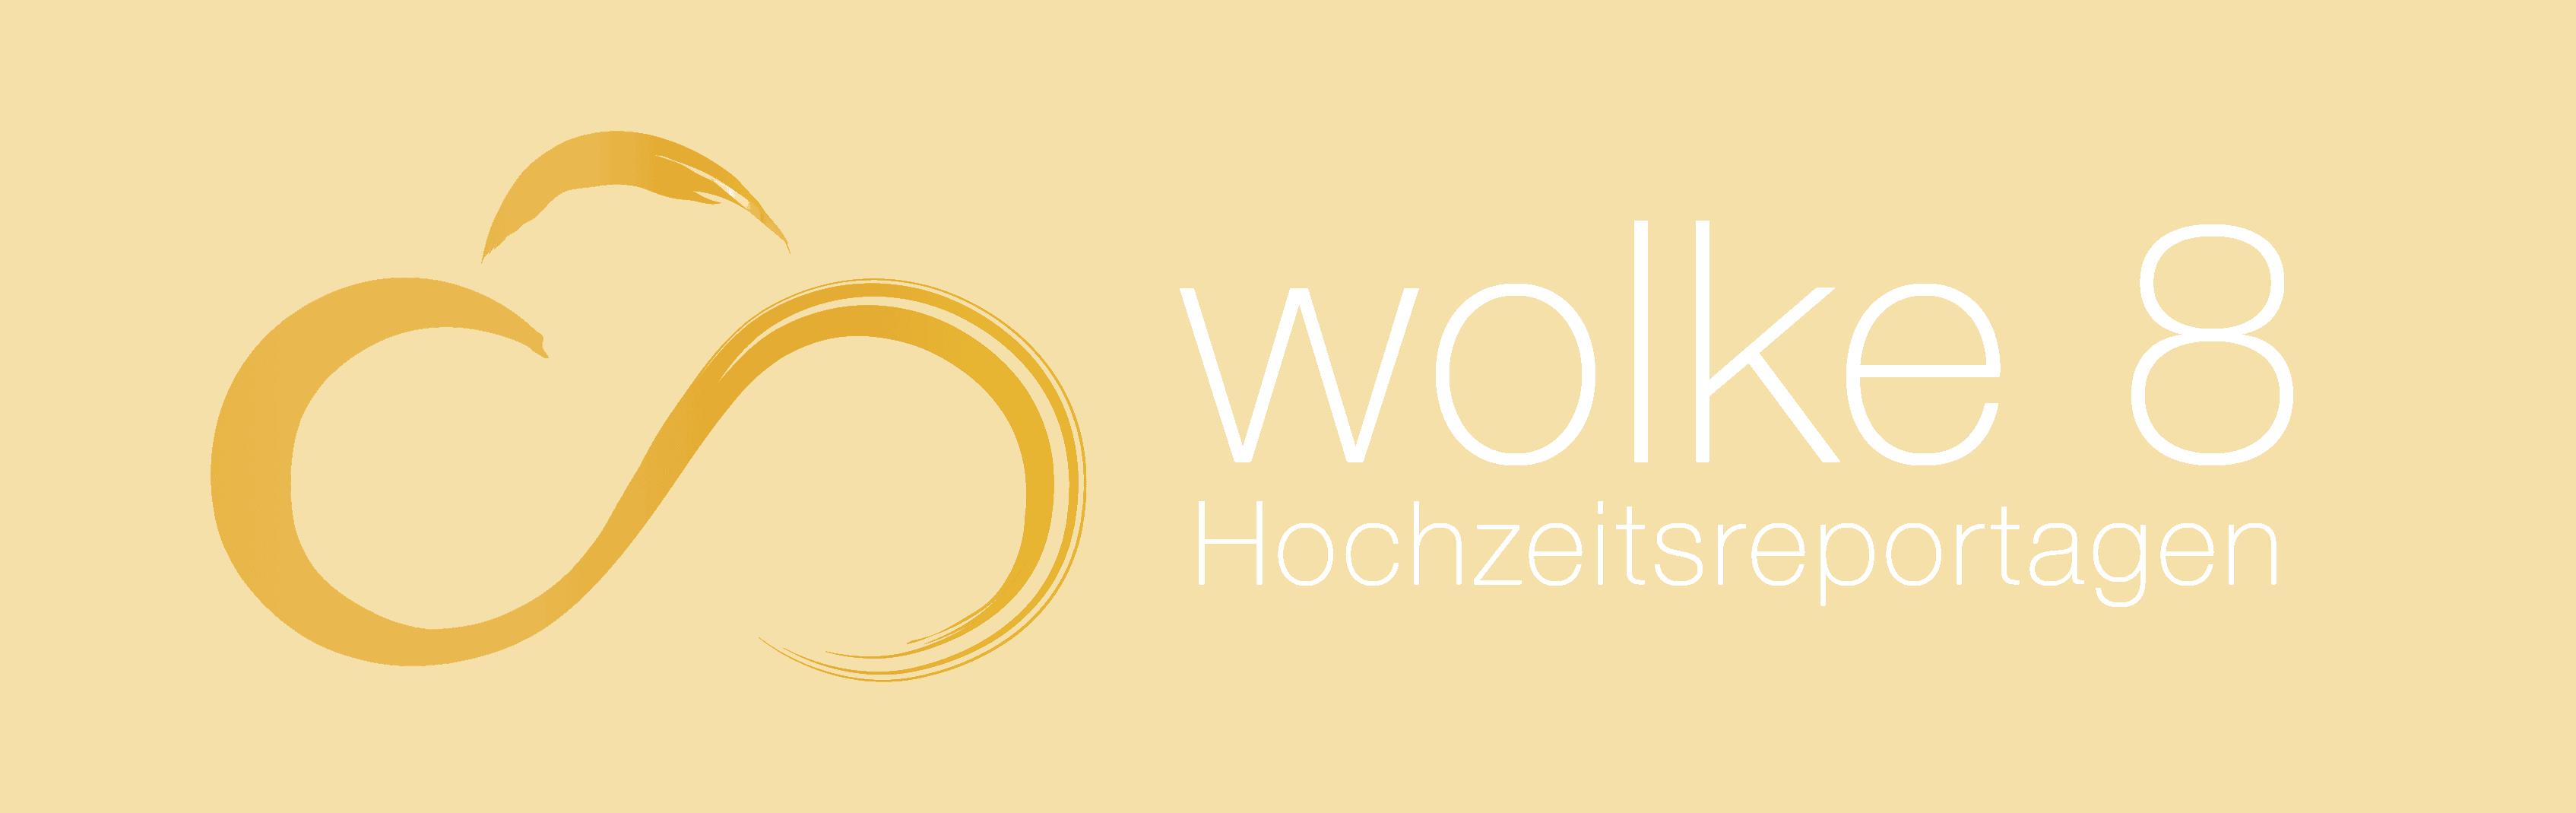 Wolke 8 Hochzeitsfotografie für München und Umgebung